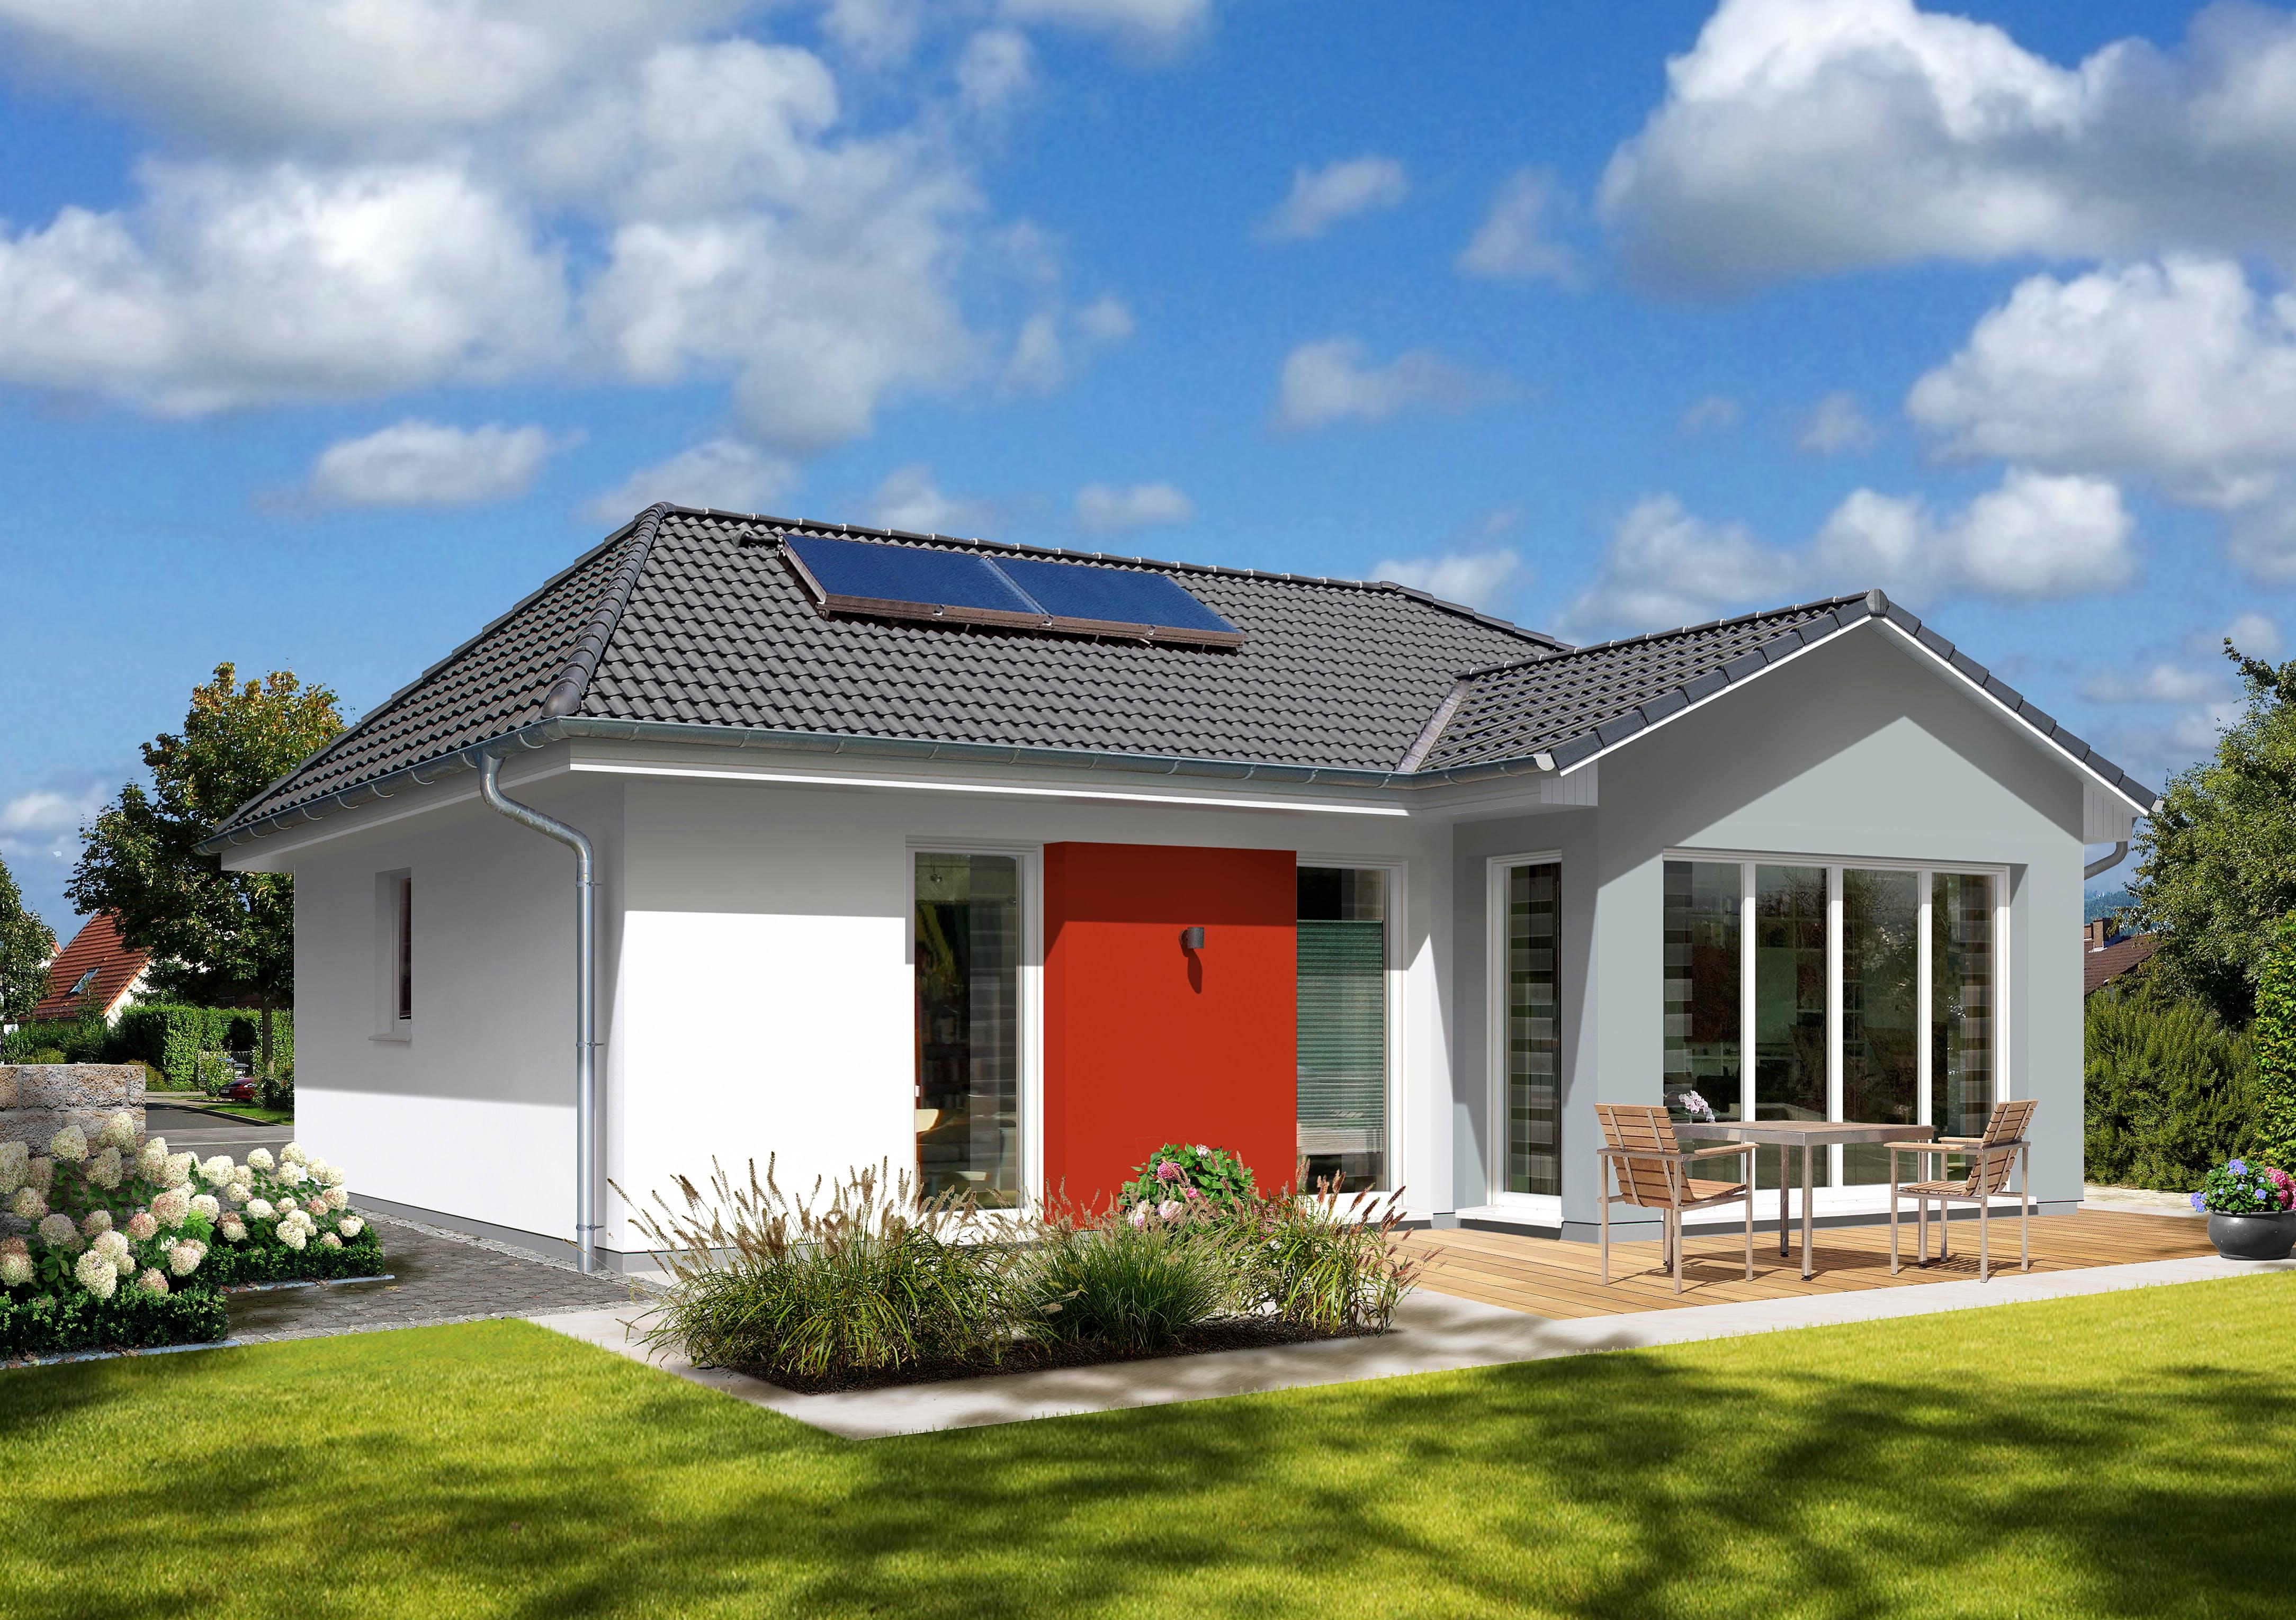 Schlüsselfertige Häuser Preise : haus bauen preise ~ Lizthompson.info Haus und Dekorationen